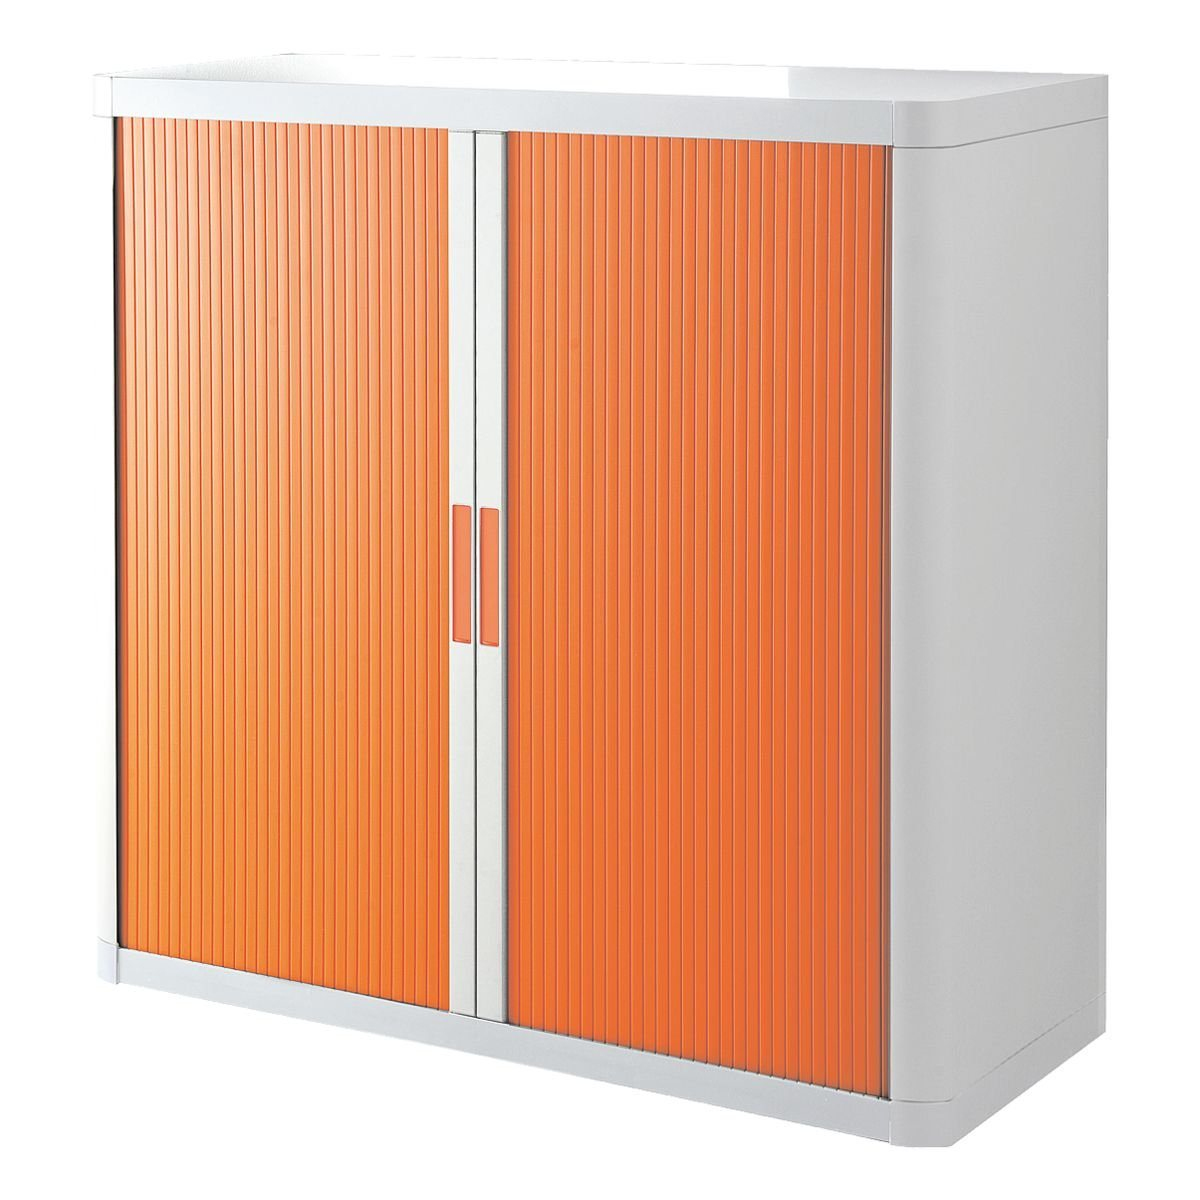 easyOffice Rollladenschrank 110 x 104 cm »easyOffice«   Wohnzimmer > Schränke > Weitere Schränke   Weiß   Metall   EASYOFFICE